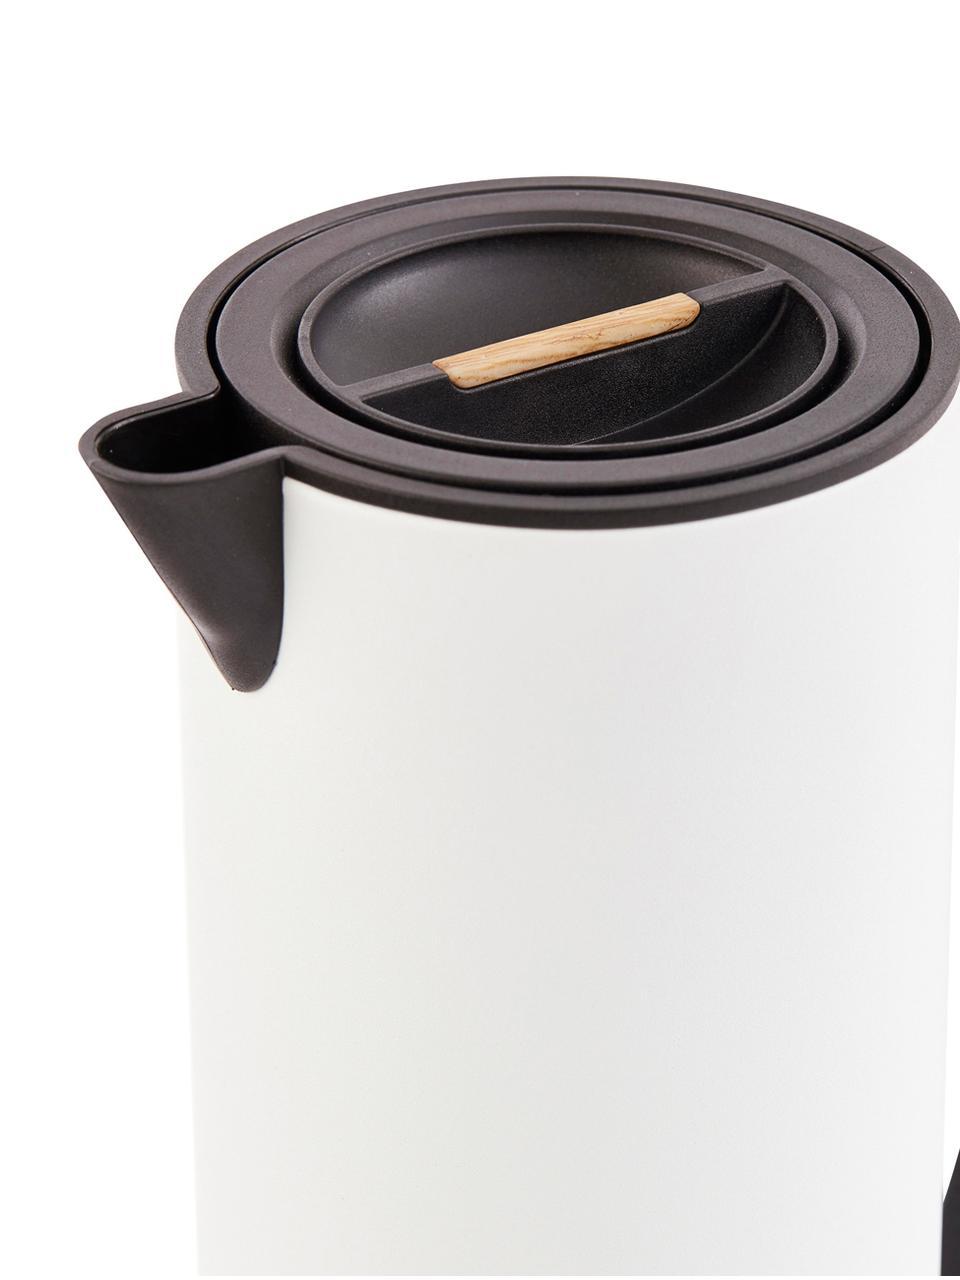 Brocca isotermica Java, 1 L, Brocca: metallo, rivestito, Coperchio: legno, metallo, rivestito, Bianco, nero, 1 l